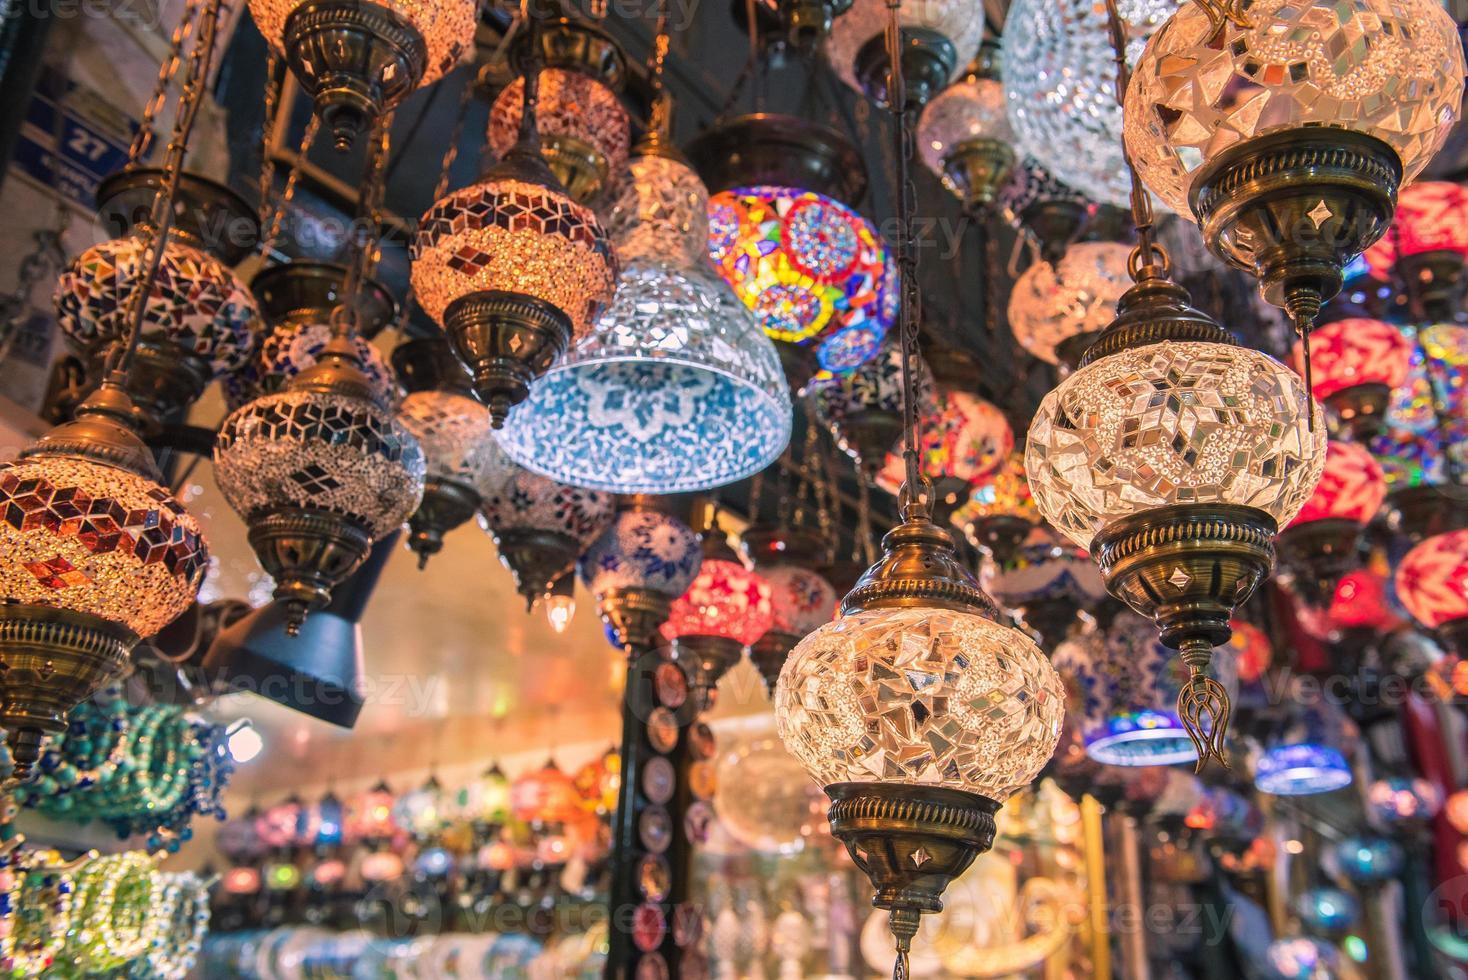 türkische Keramik foto